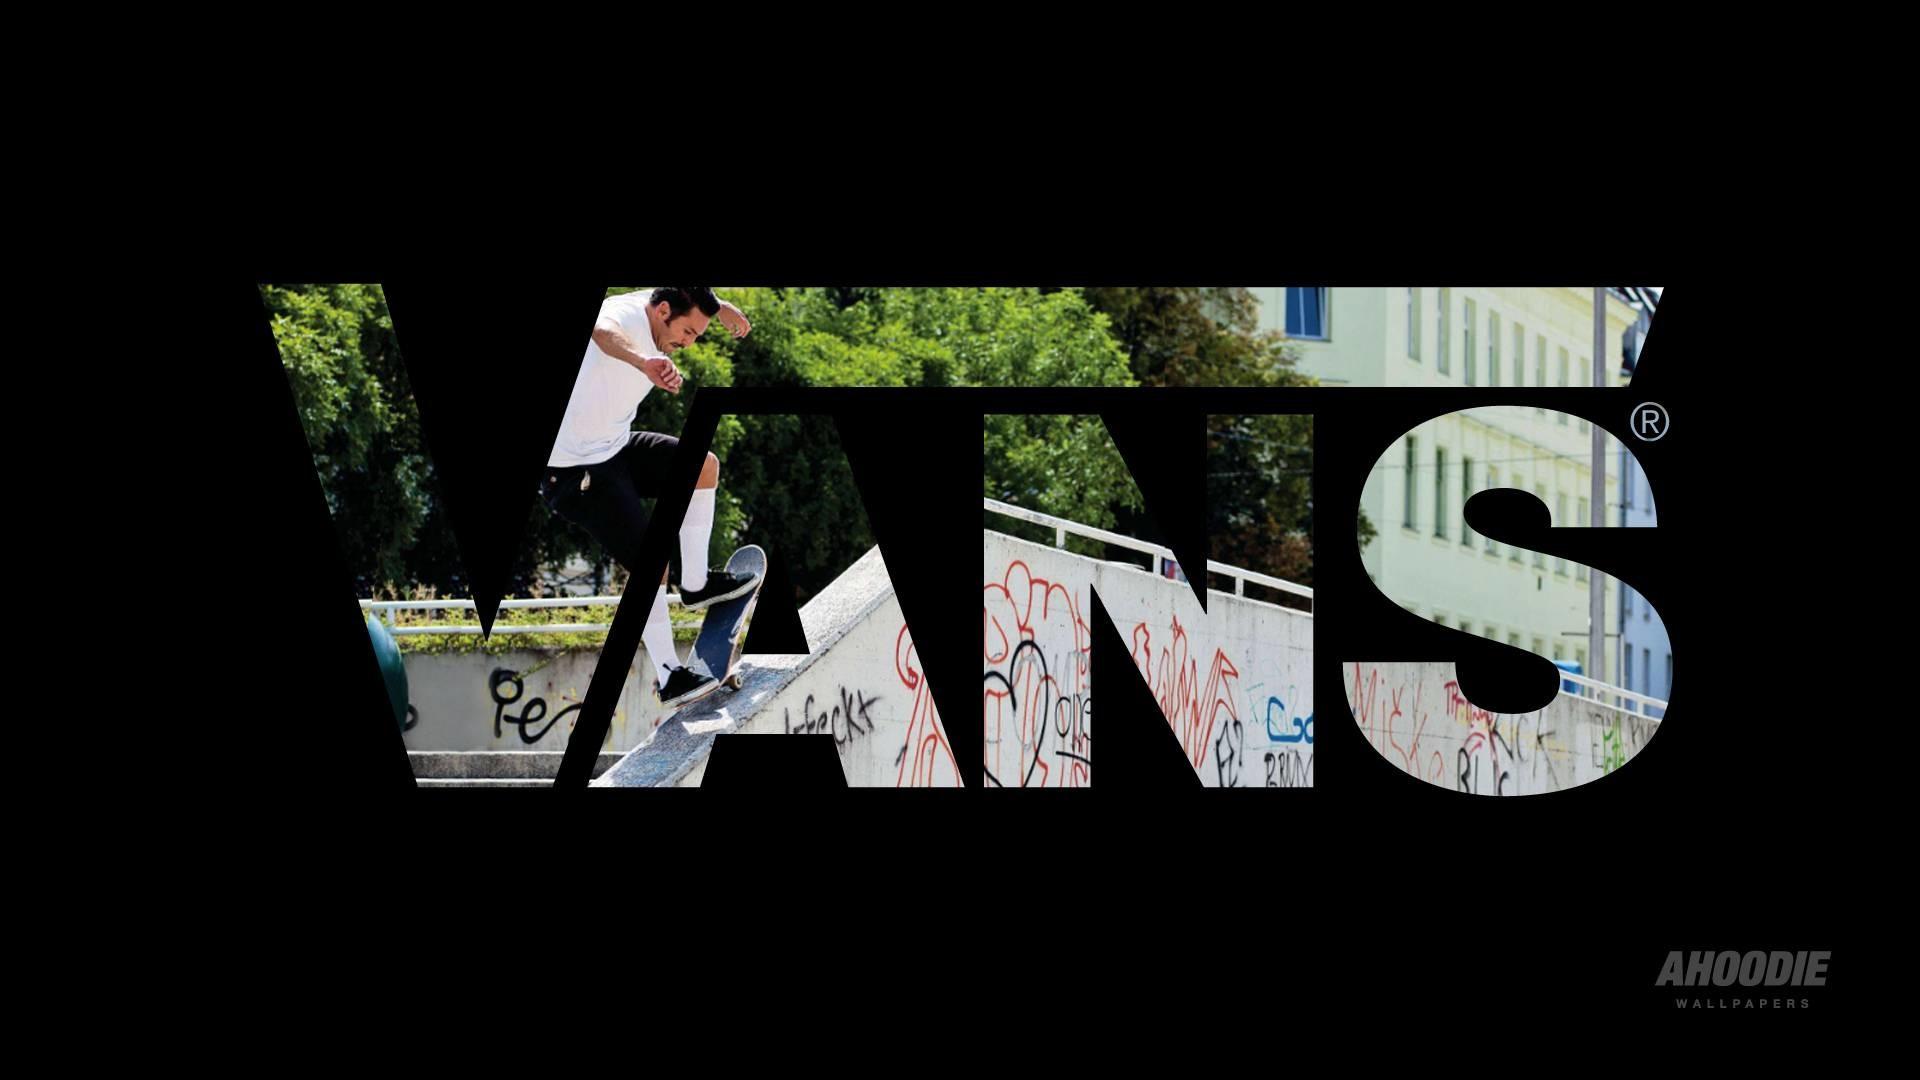 Skate Brand Wallpaper 50 Images